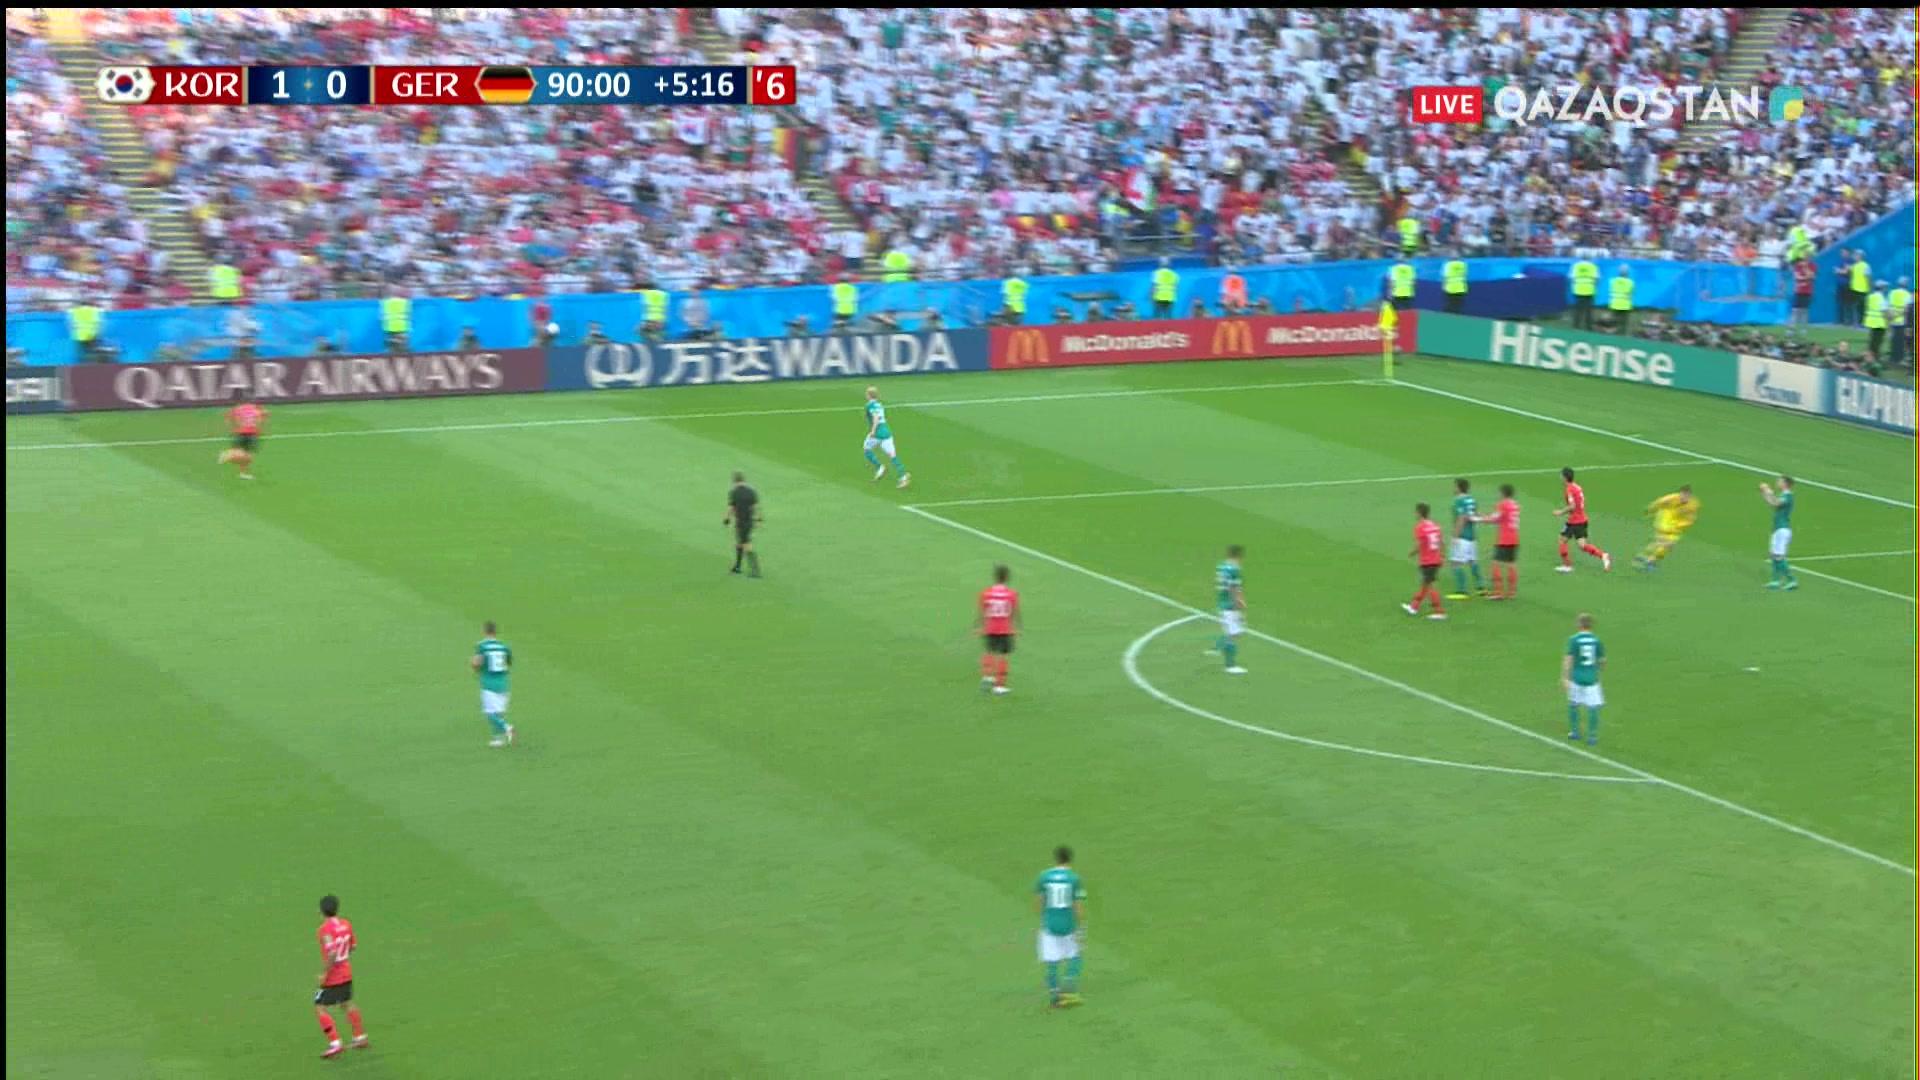 Оңтүстік Корея – Германия - 2:0 | Әлем Чемпионаты 2018